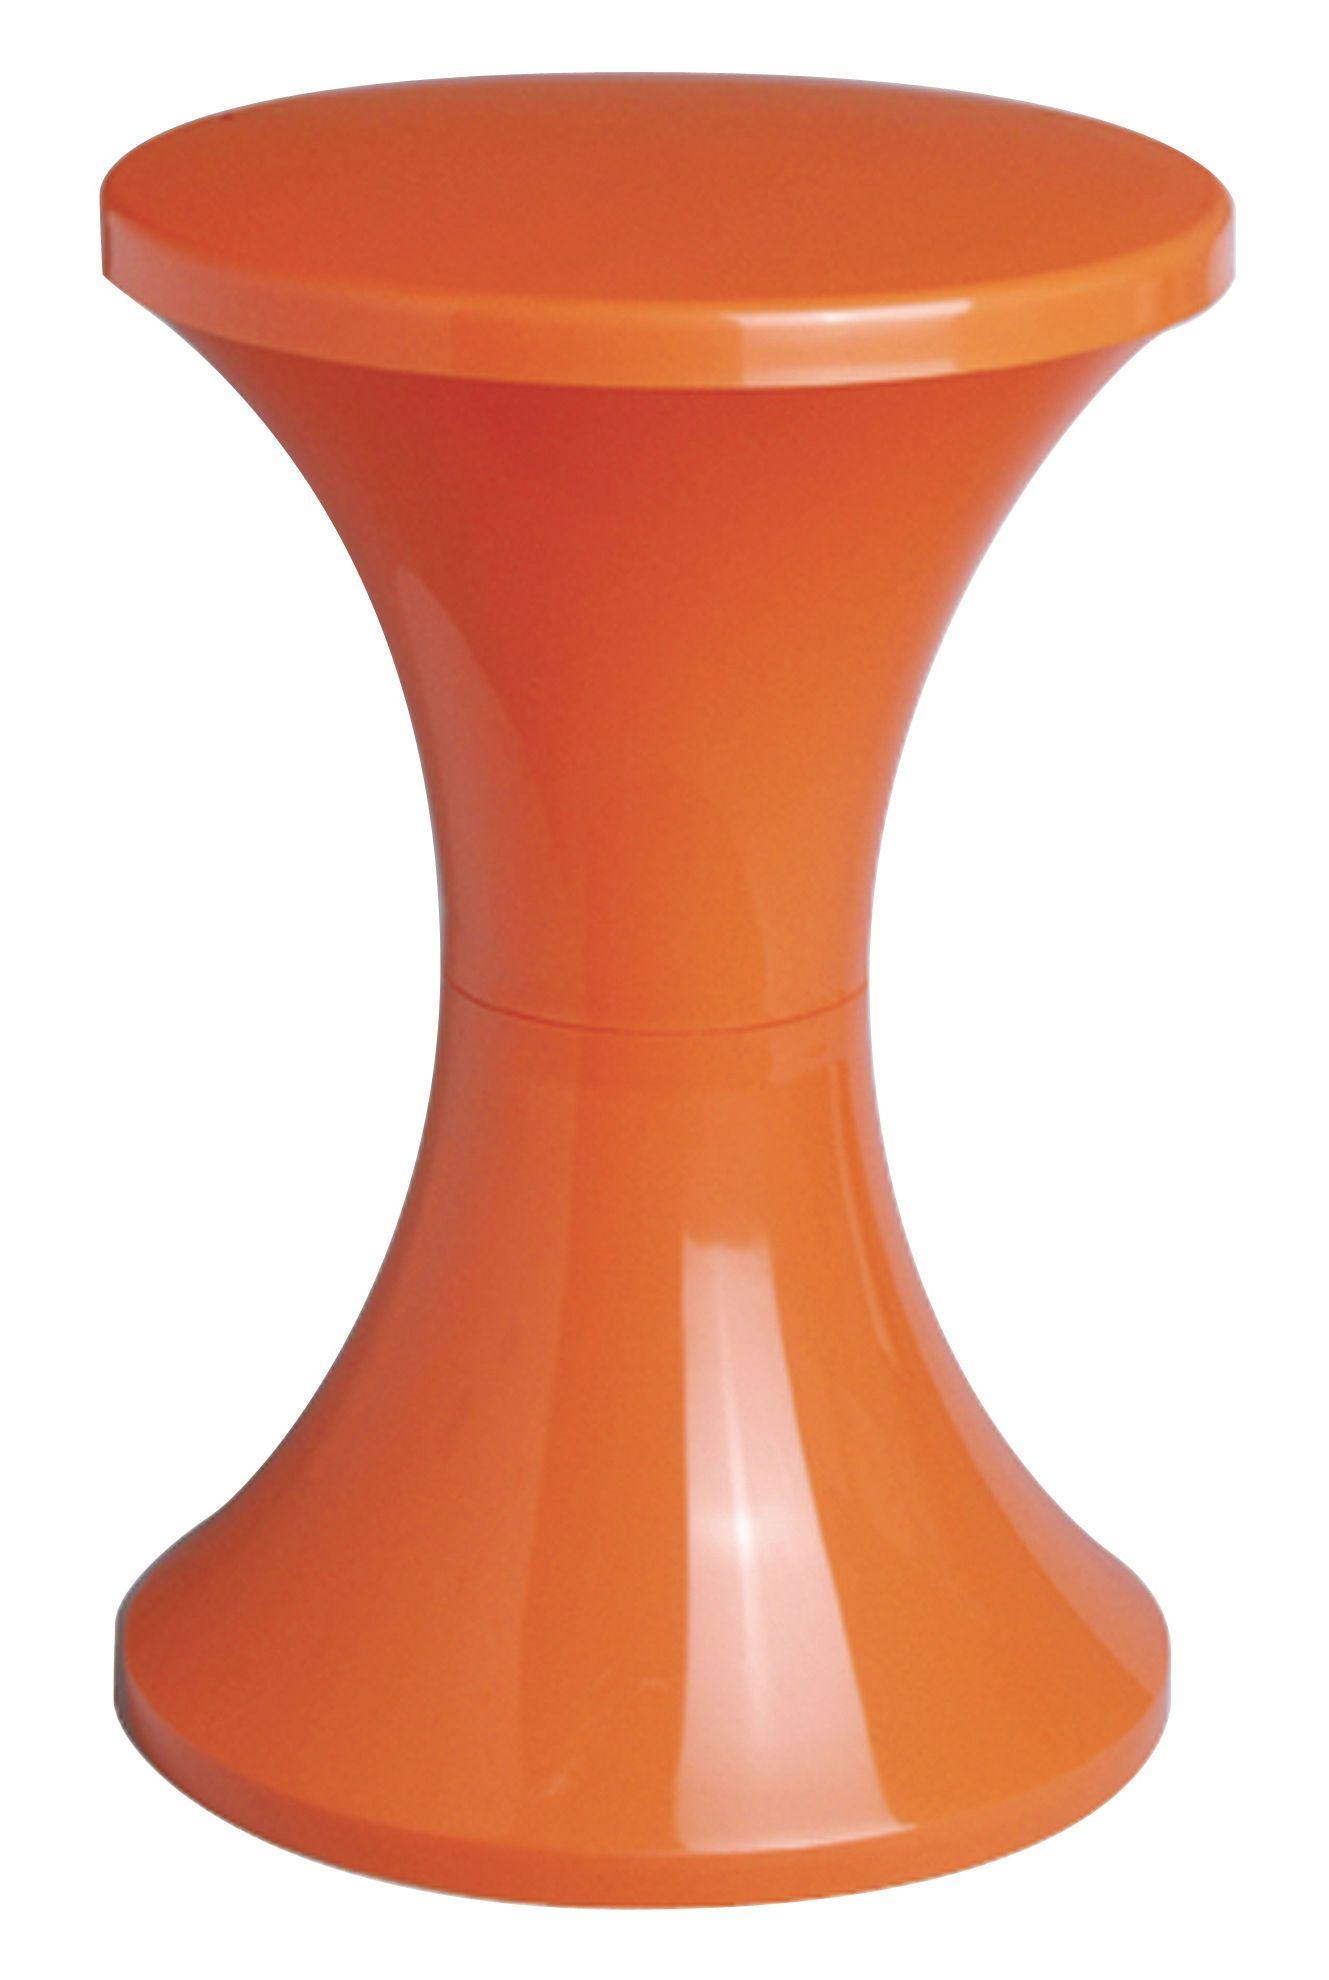 Tabouret Tam Tam Original tabouret tam tam orange - stamp edition   made in design in